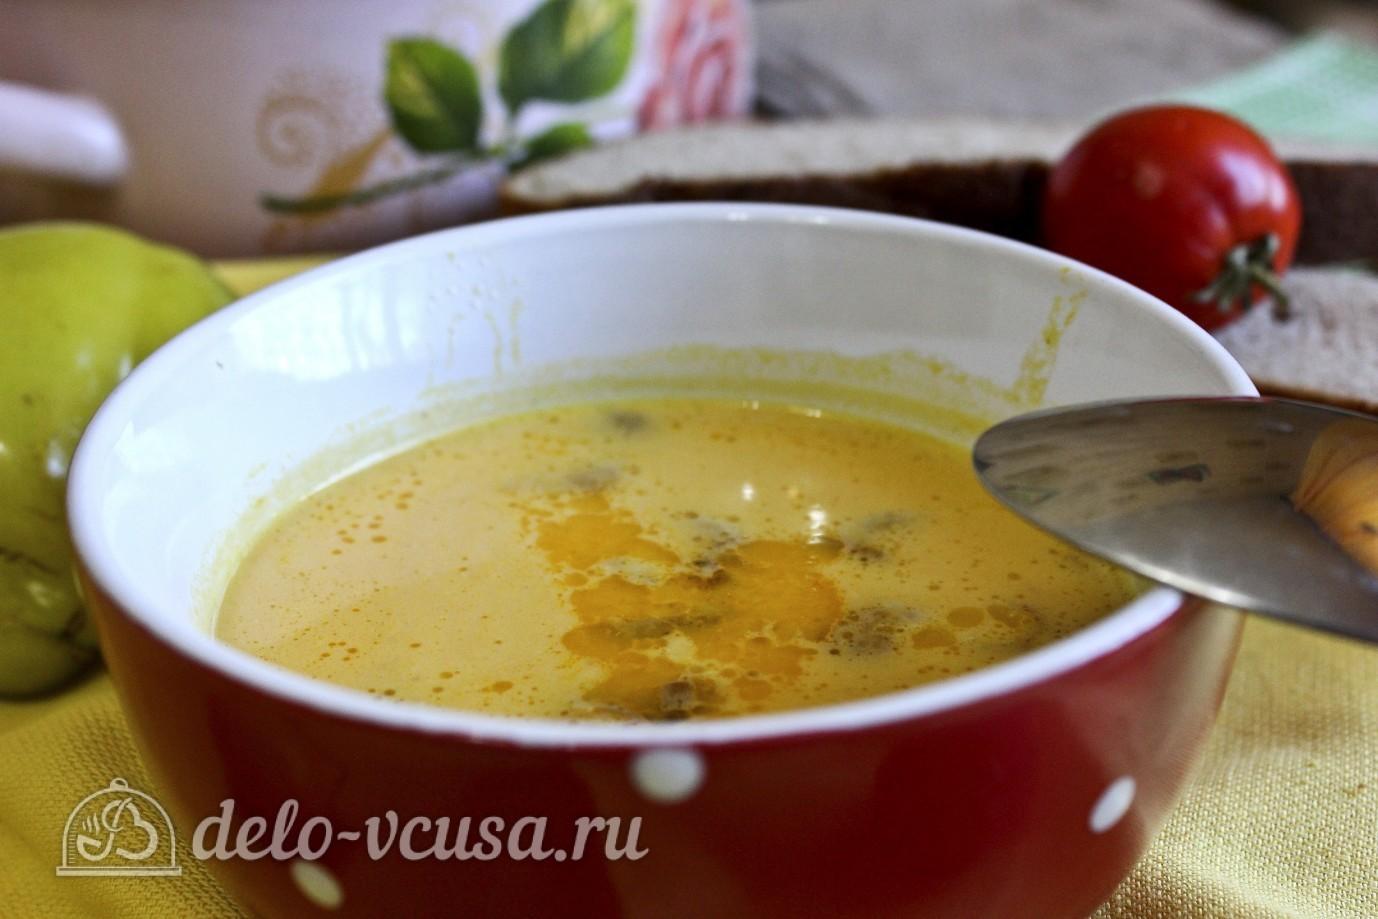 Суп пюре из тыквы пошаговый рецепт с фото